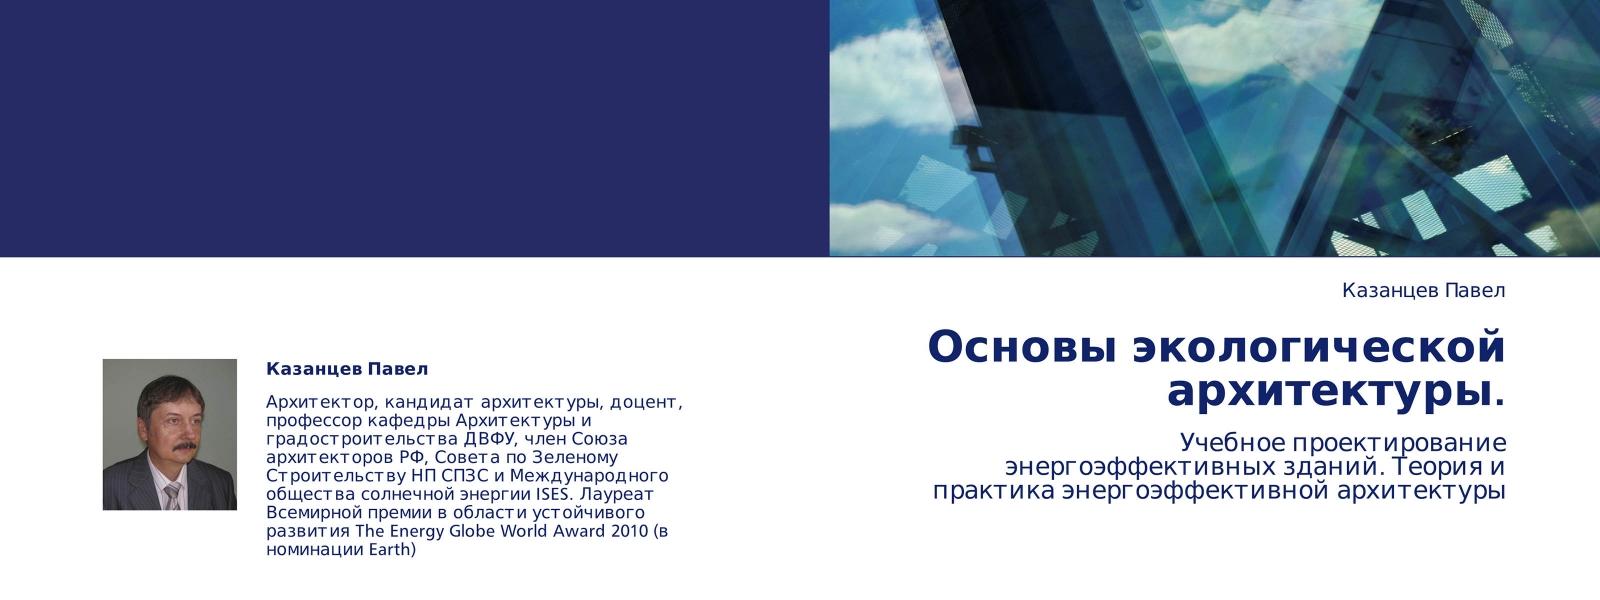 work-Серия статей об основах экологической архитектуры в периодических изданиях Дальнего Востока